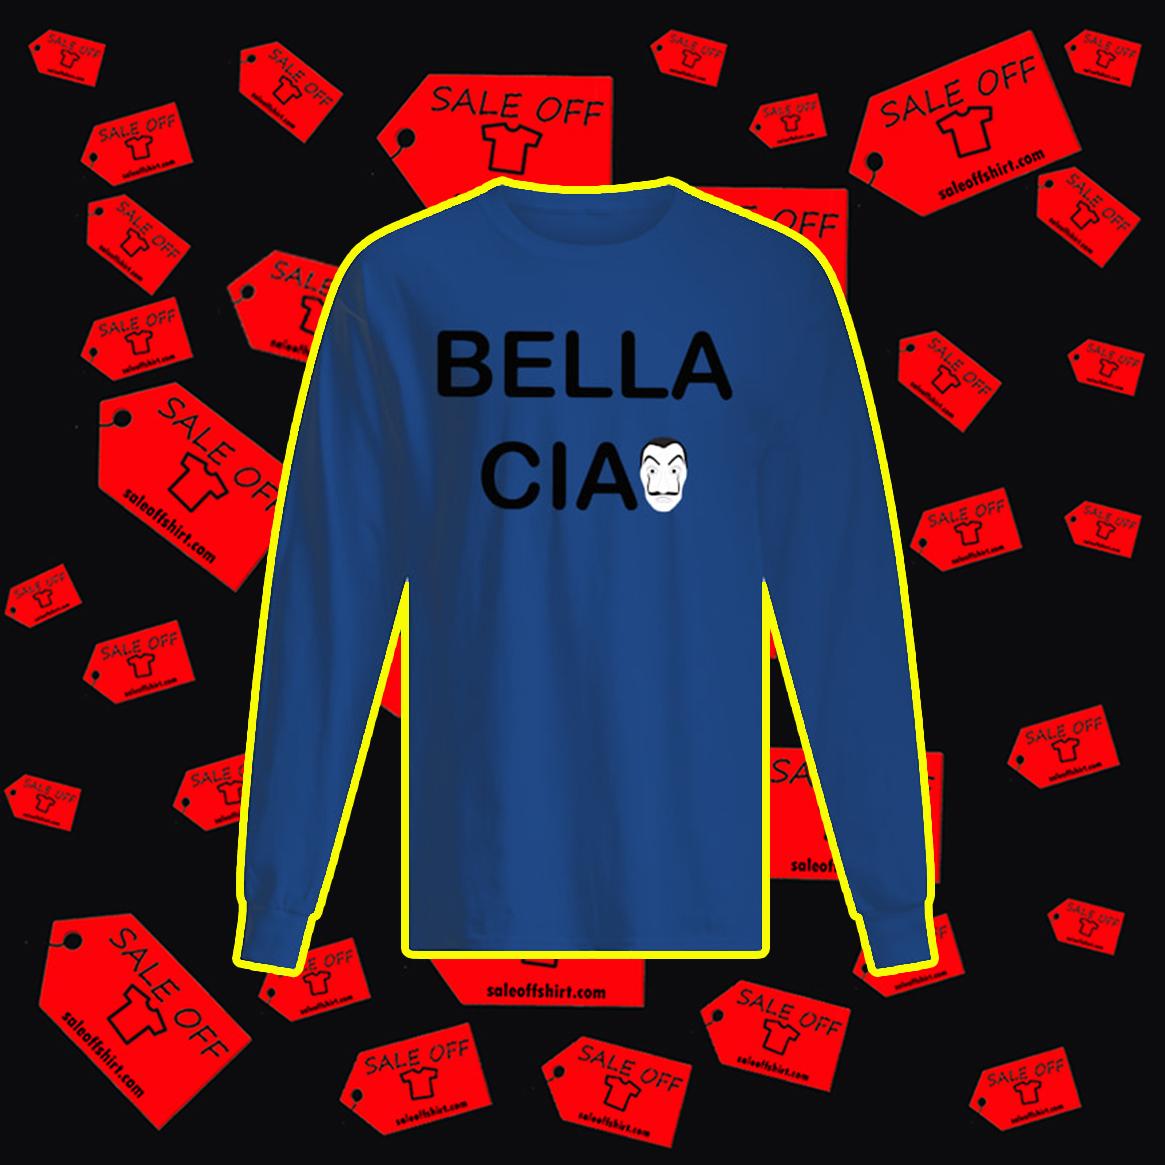 Bella Ciao longsleeve tee